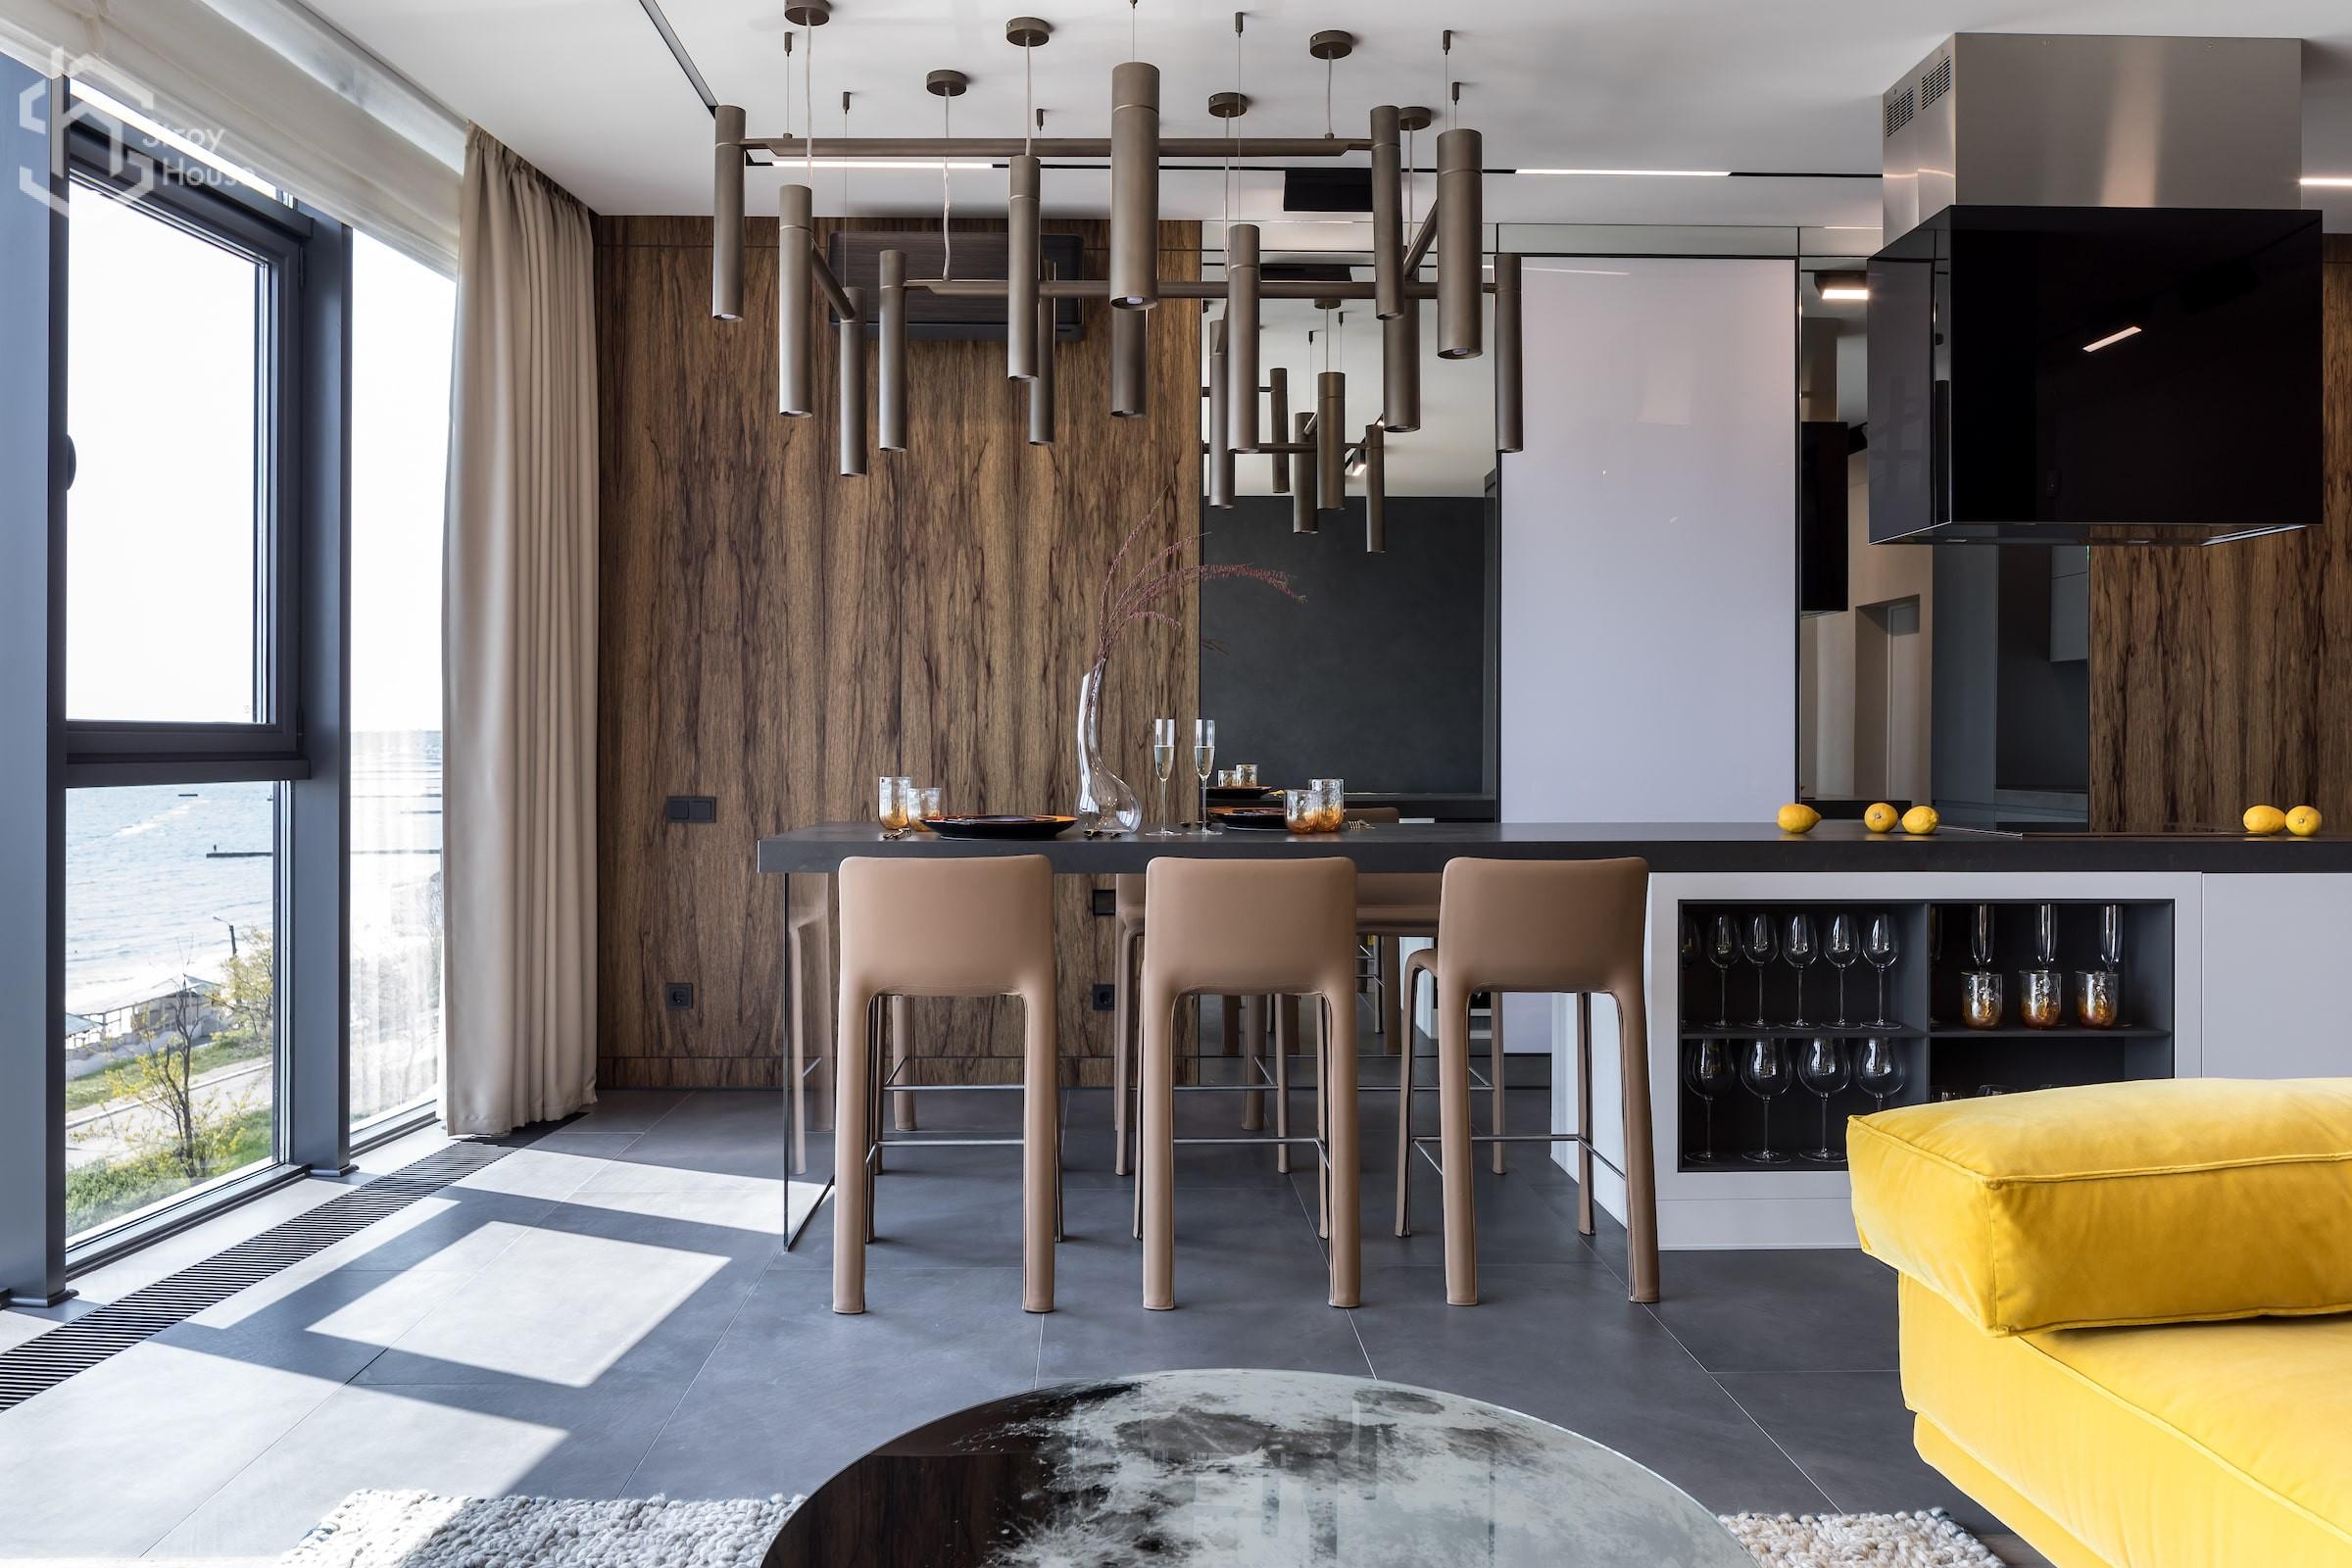 Stroy House – это профессиональный ремонт квартир, домов и офисных  помещений в Одессе | Ремонтно строительная компания / Качественно /  гарантия / отзывы / цены